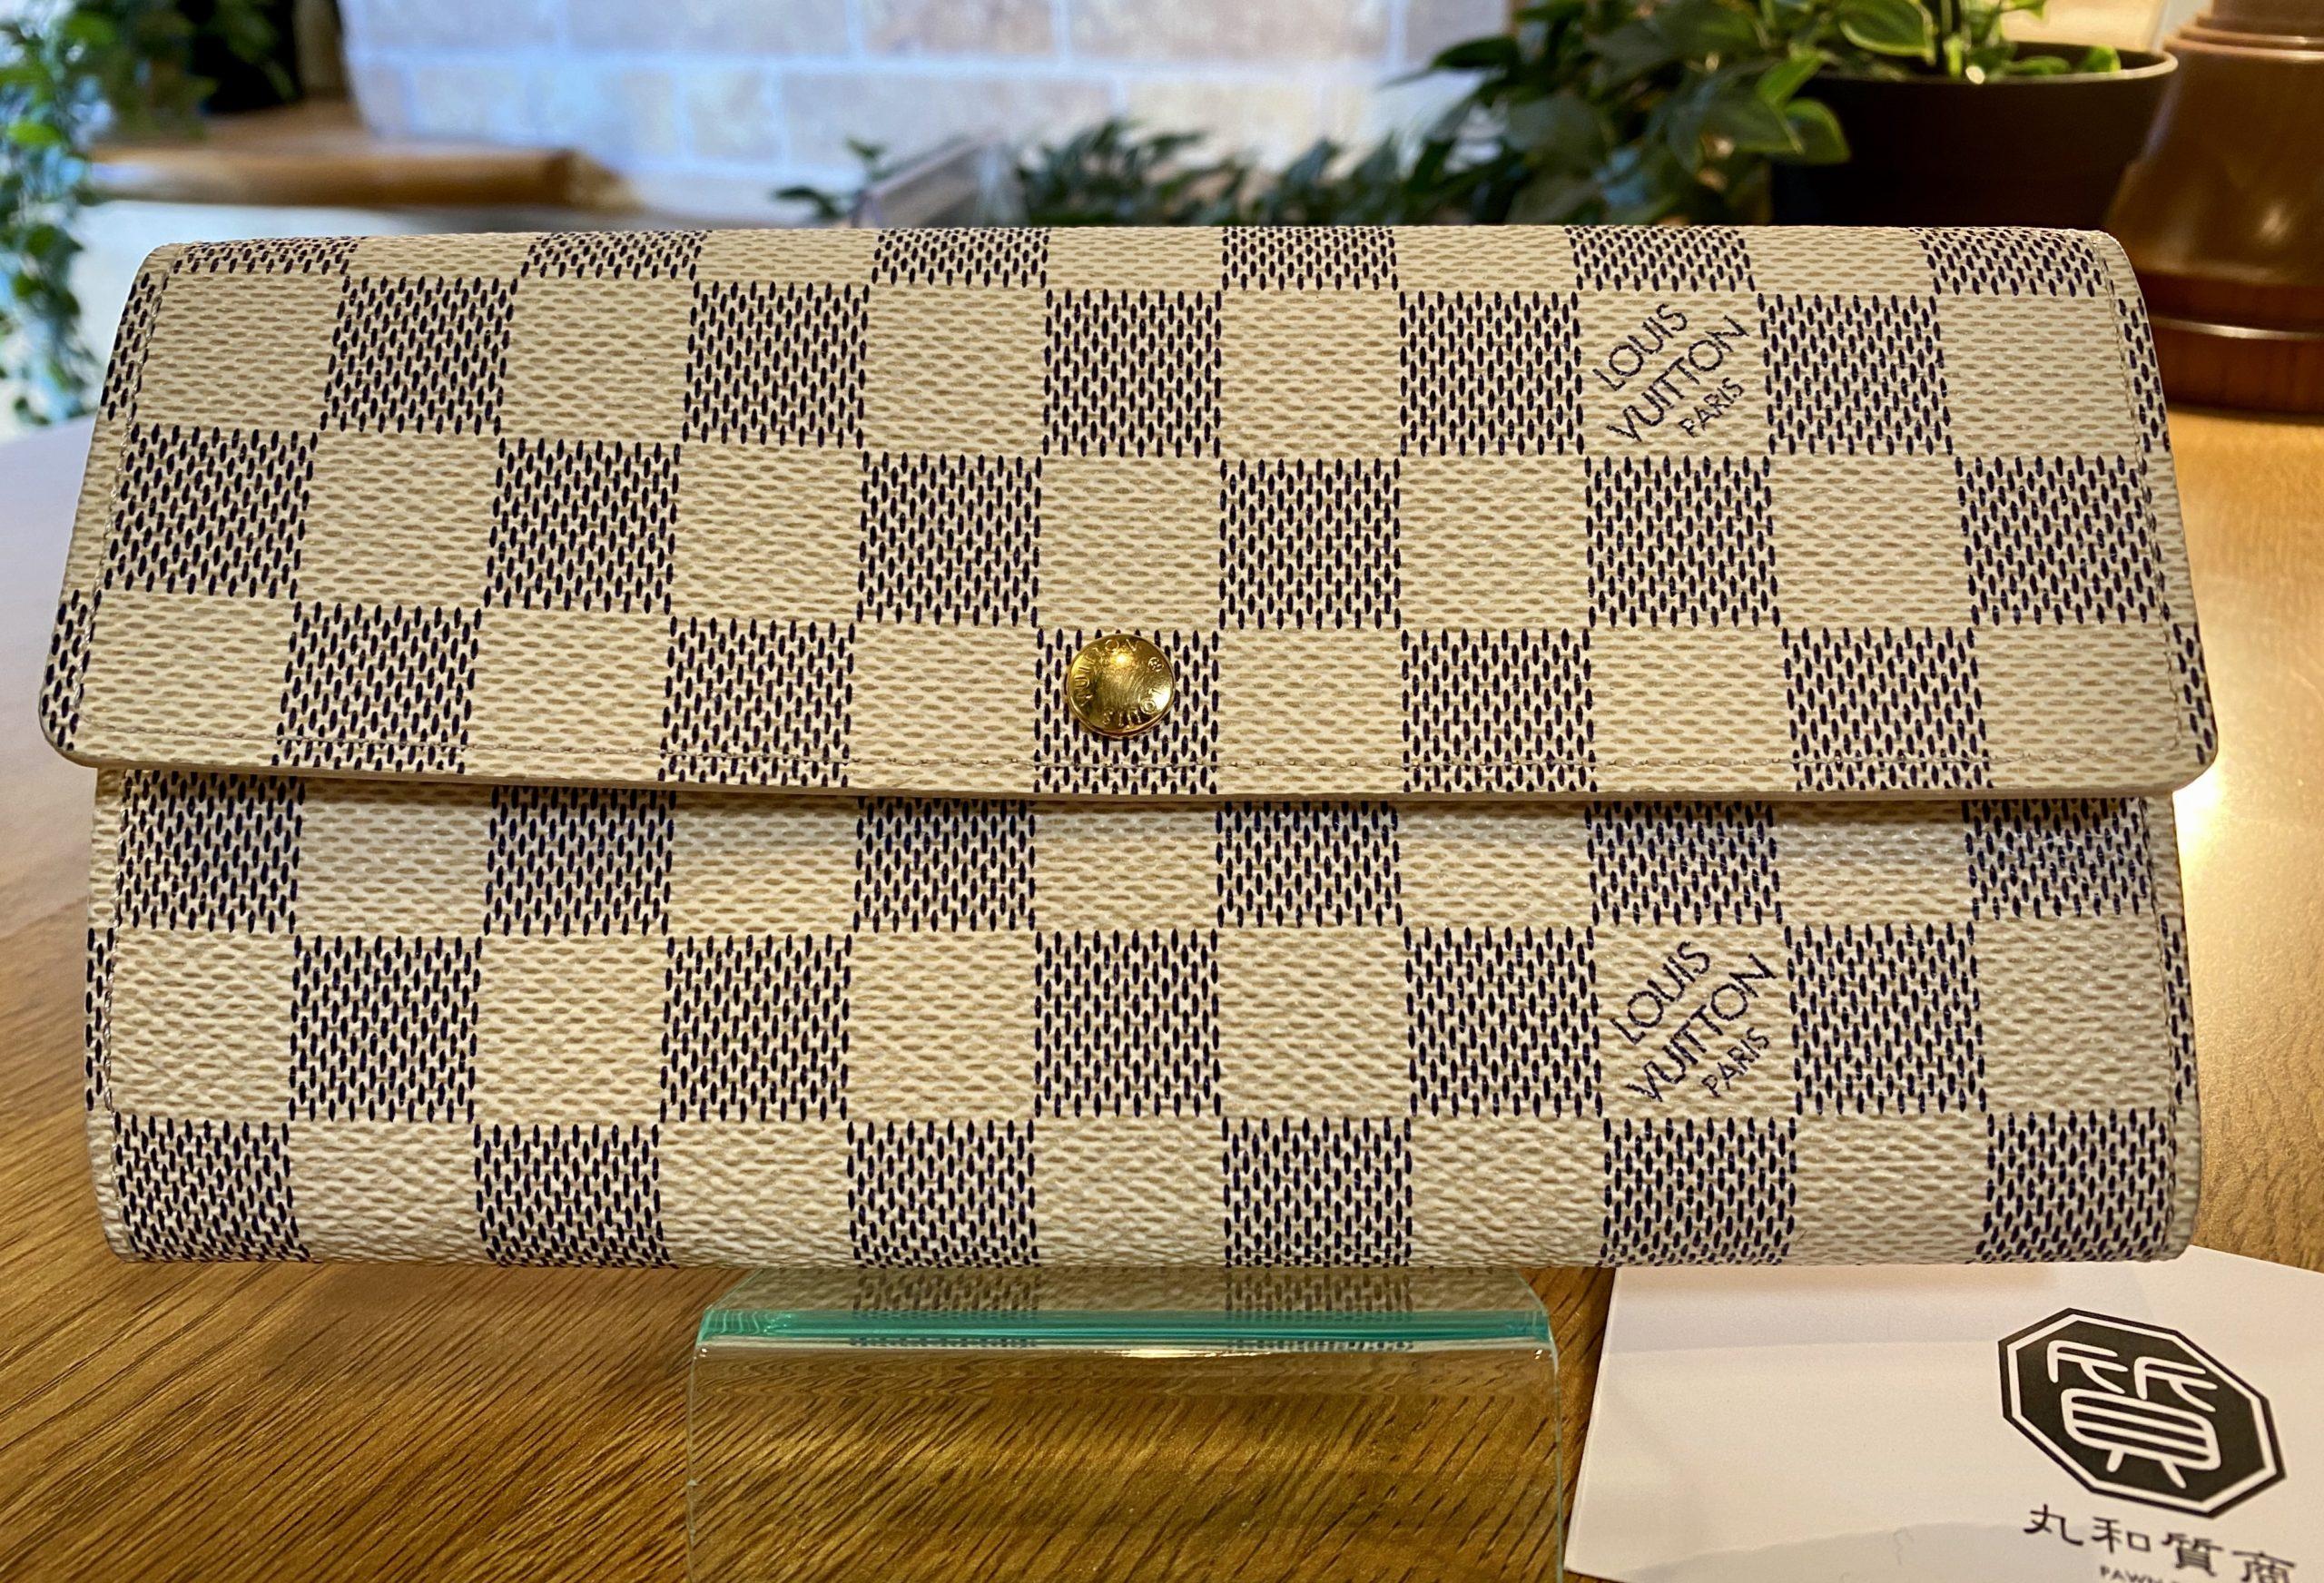 ルイヴィトン ポルトフォイユ サラ ダミエ アズール 長財布 N61735をお買取させていただきました。